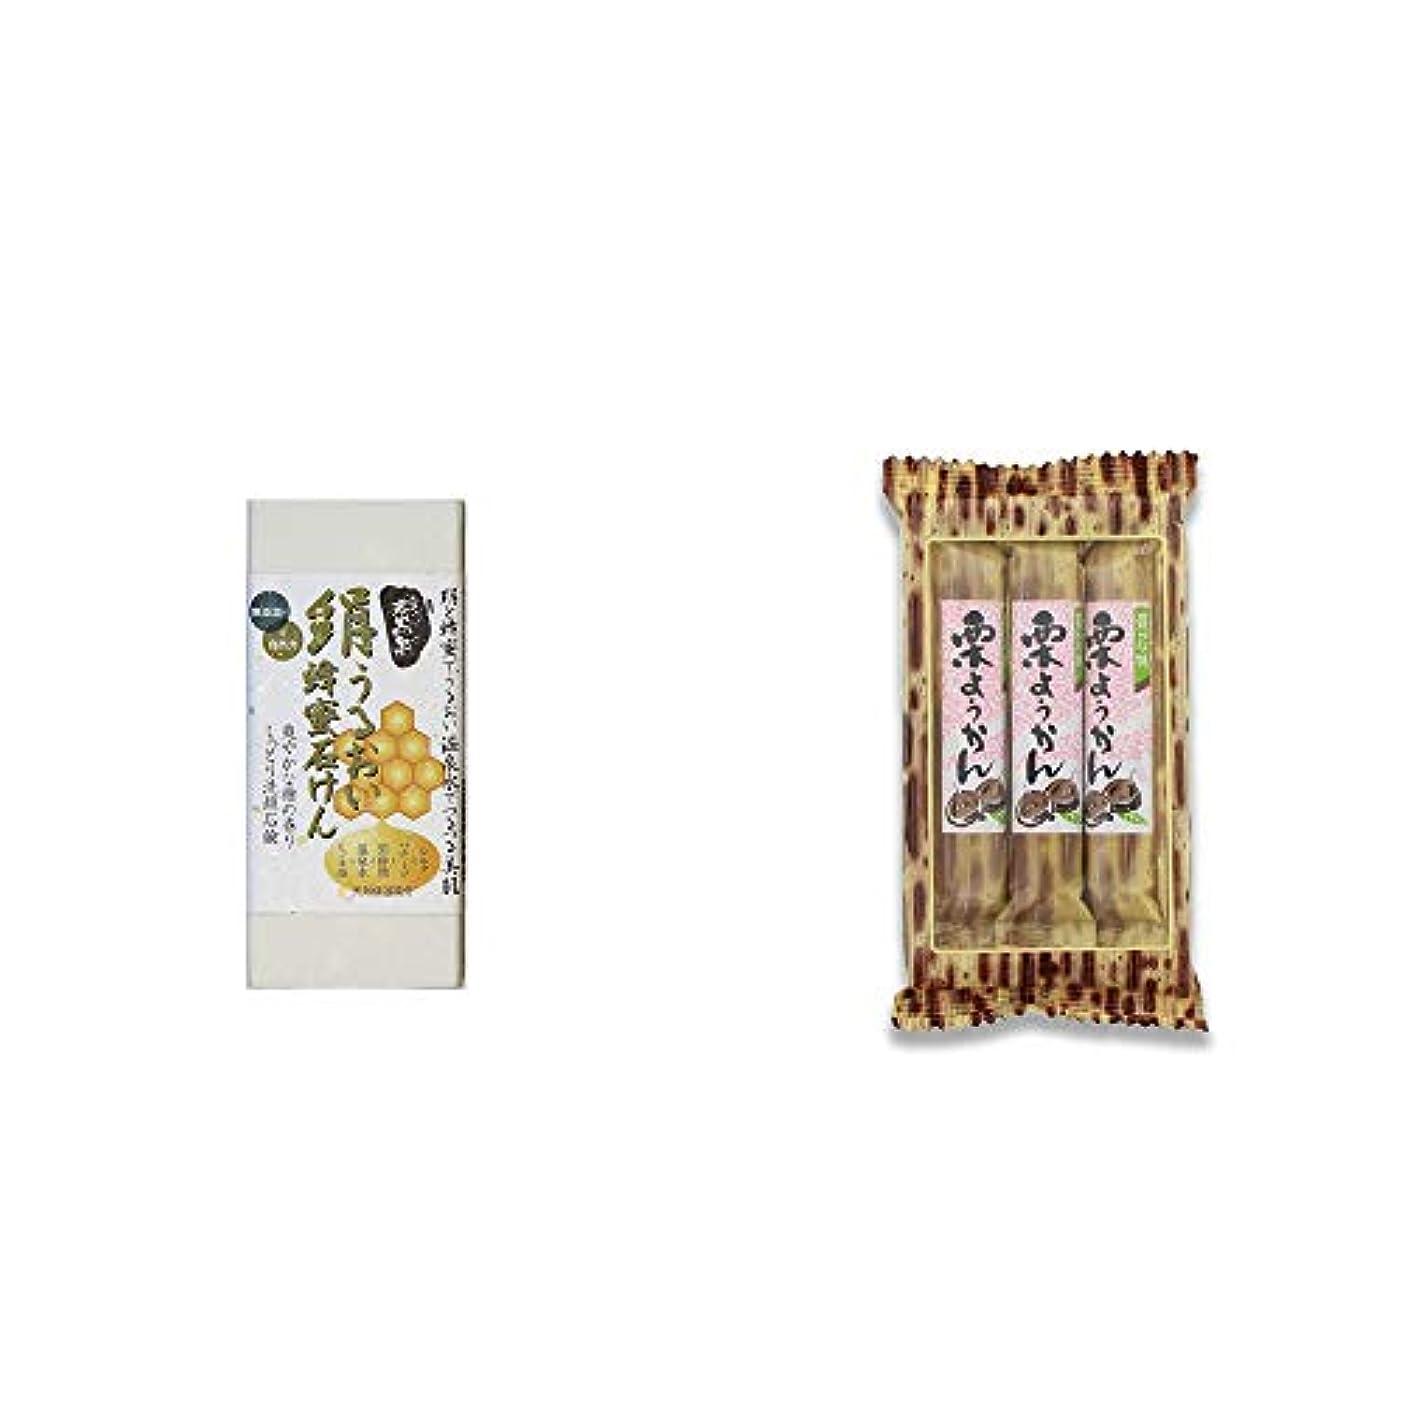 添付南方の戦略[2点セット] ひのき炭黒泉 絹うるおい蜂蜜石けん(75g×2)?スティックようかん[栗](50g×3本)